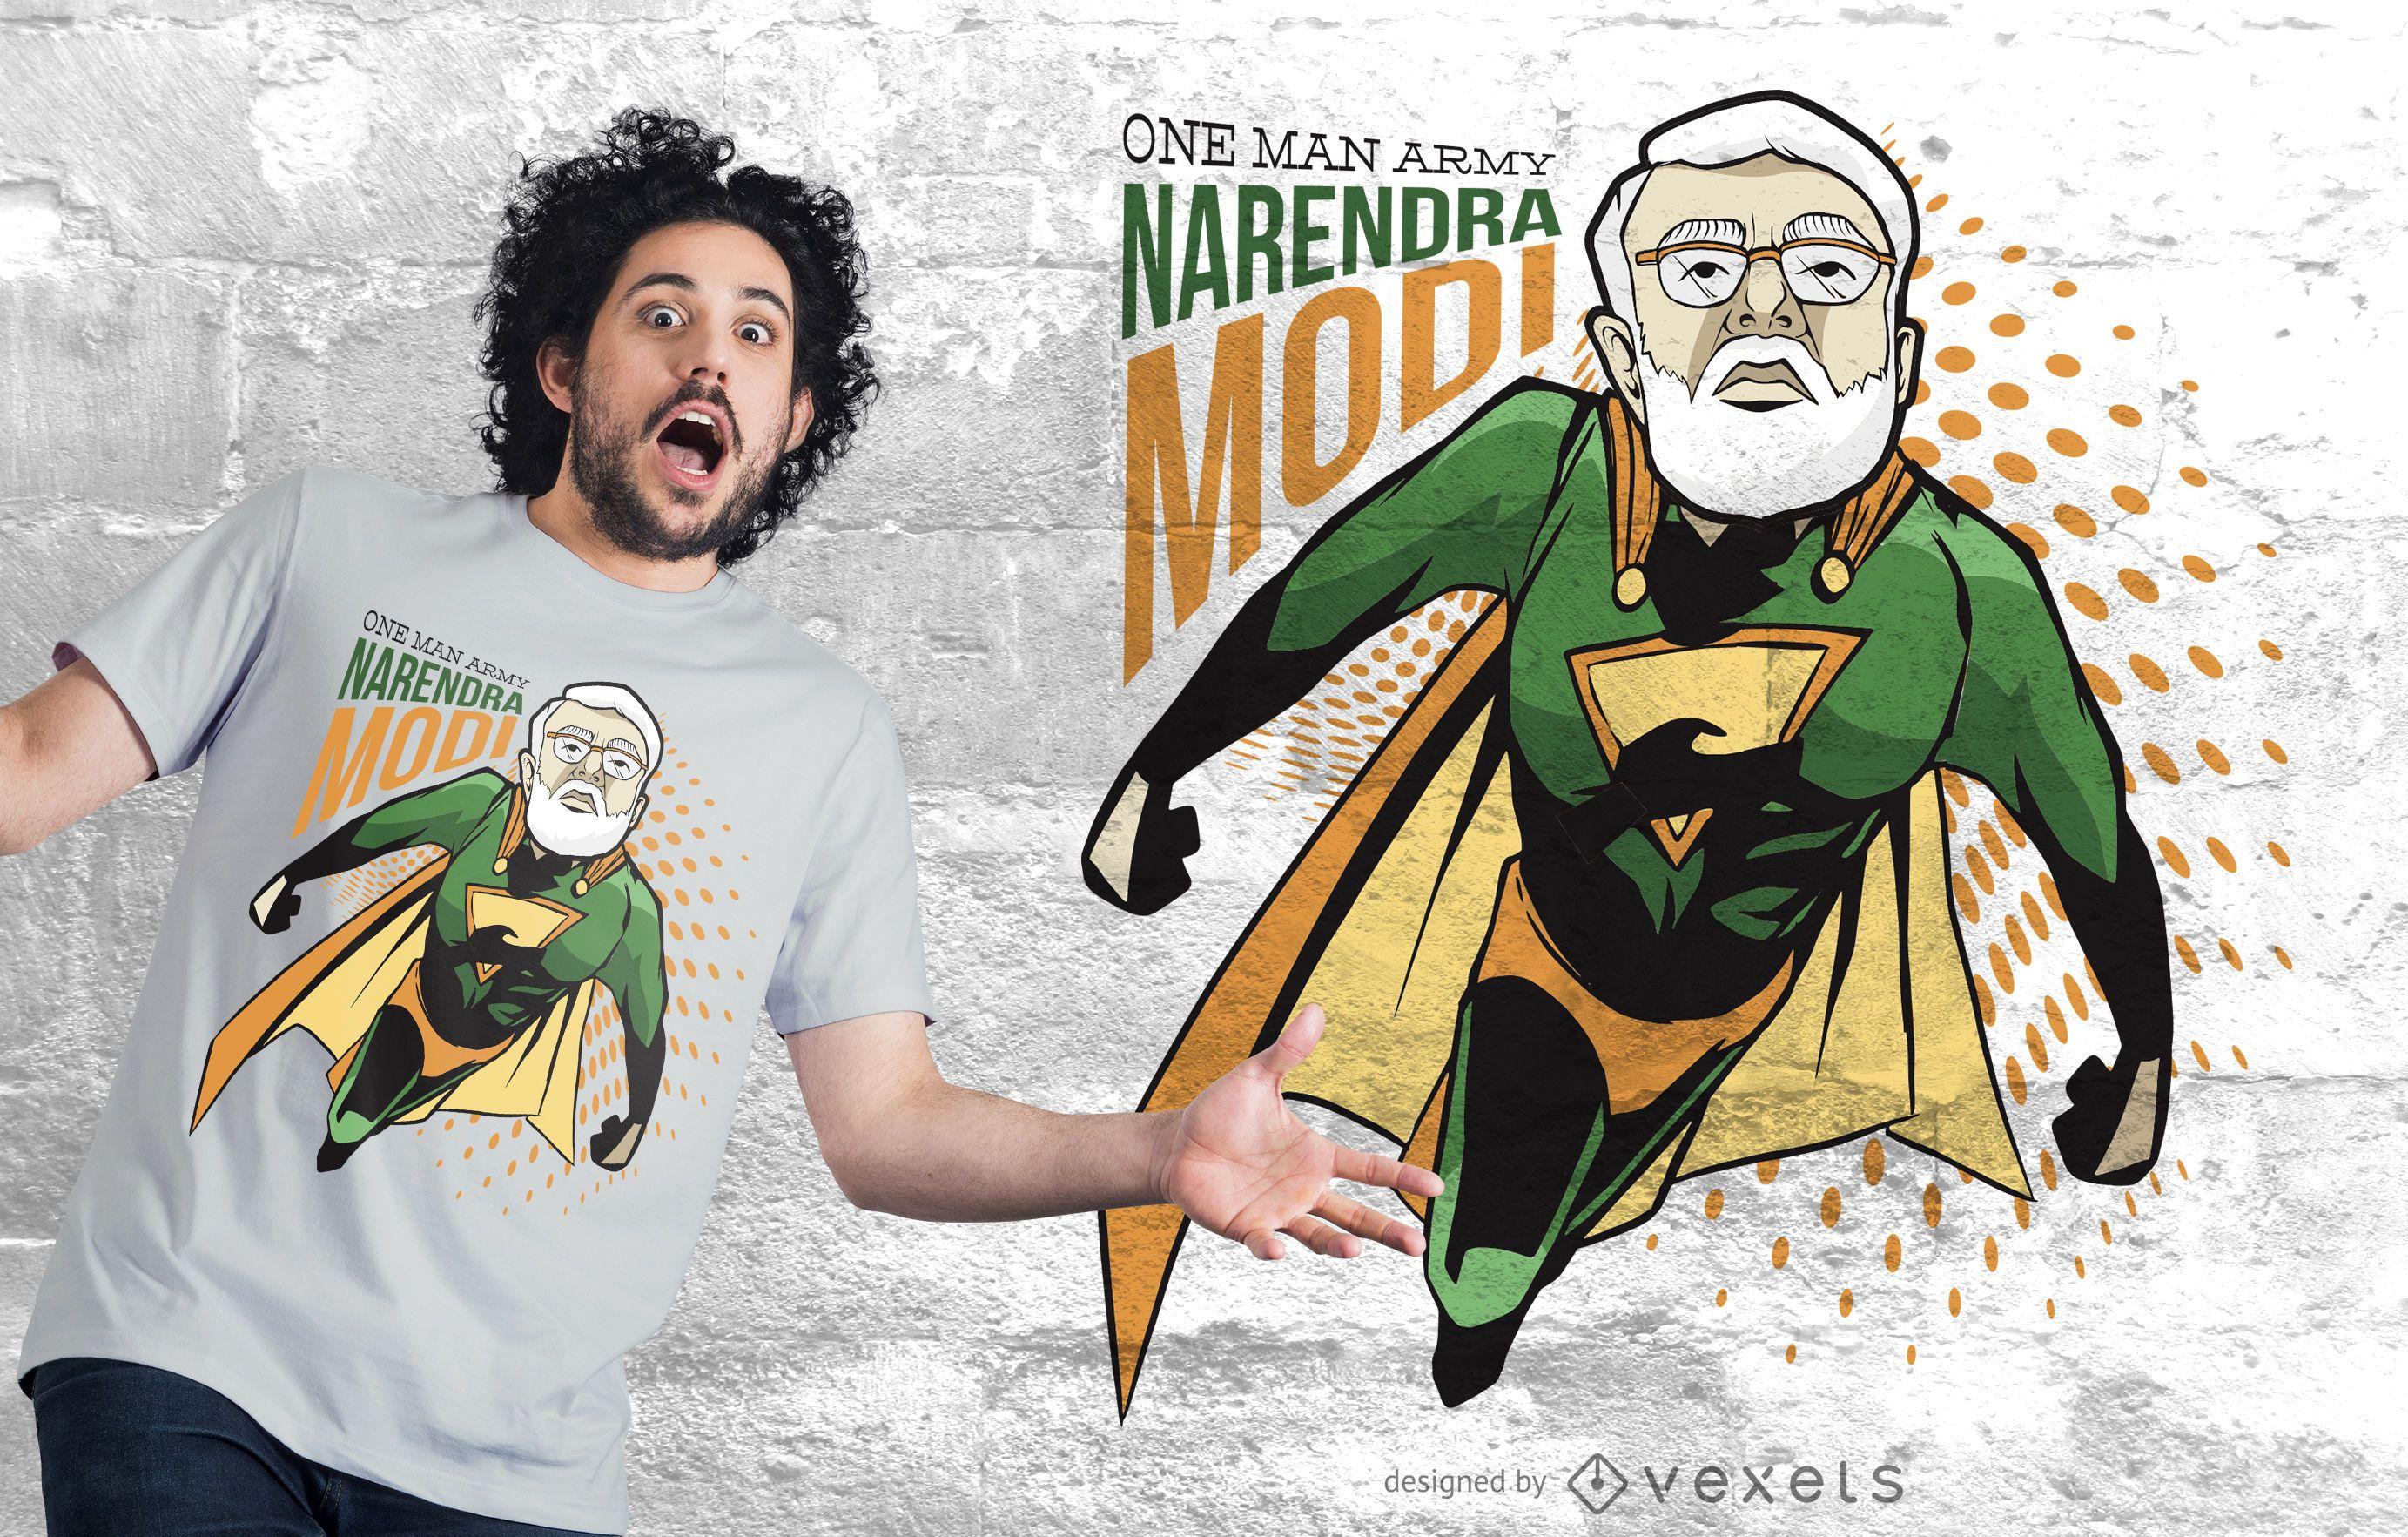 Narendra modi superhero t-shirt design